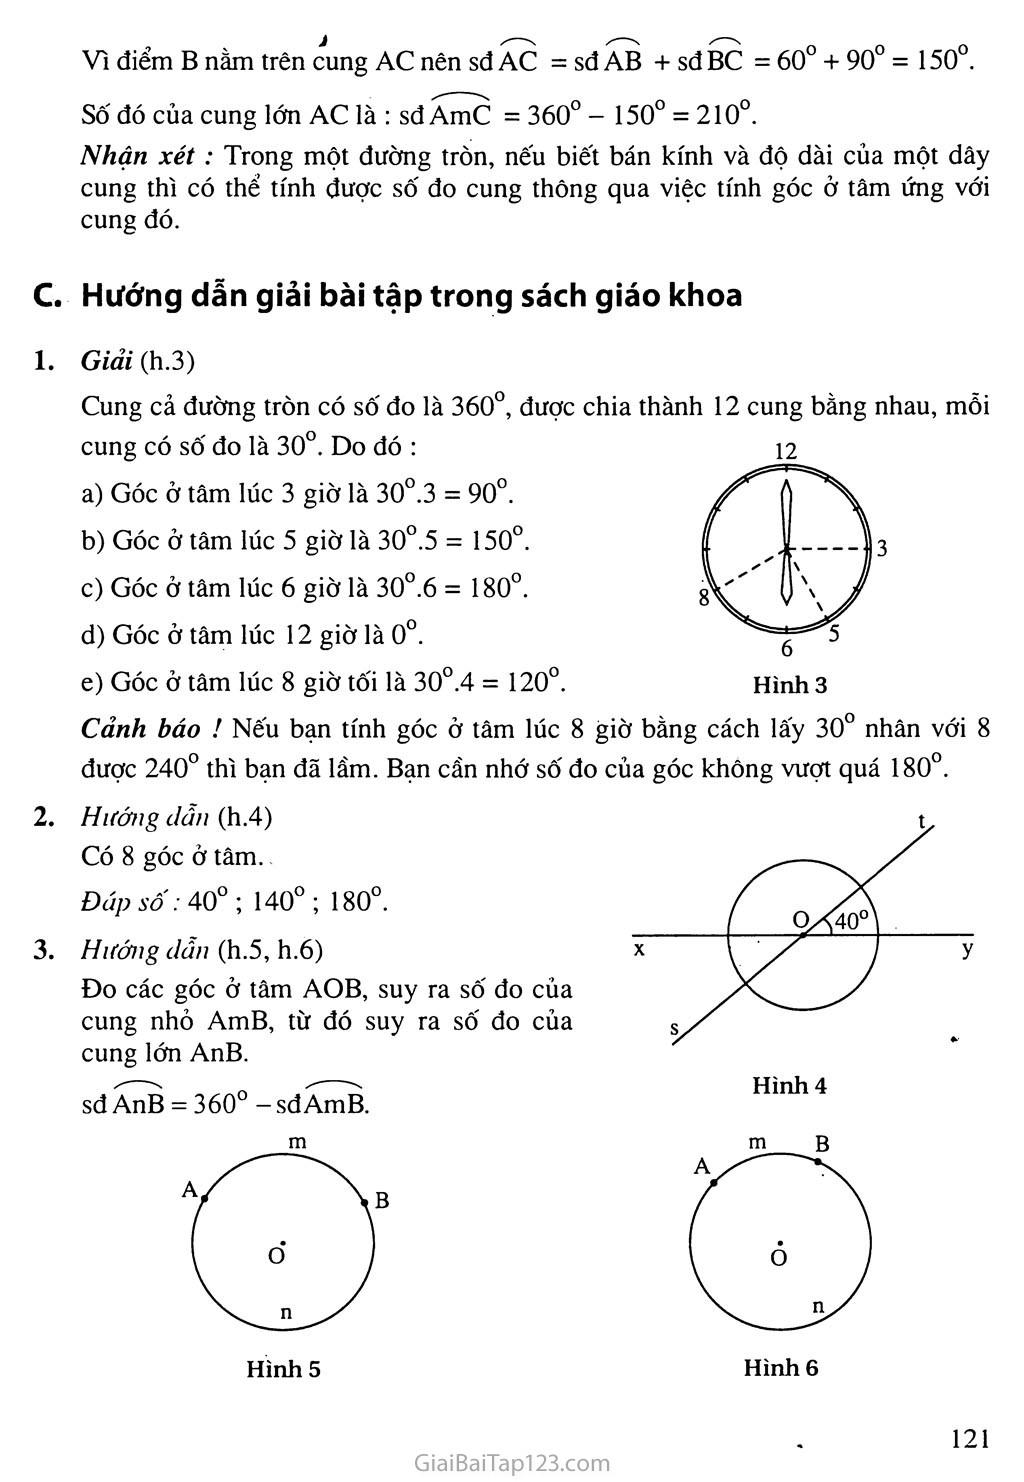 Bài 1. Góc ở tâm. Số đo cung trang 2